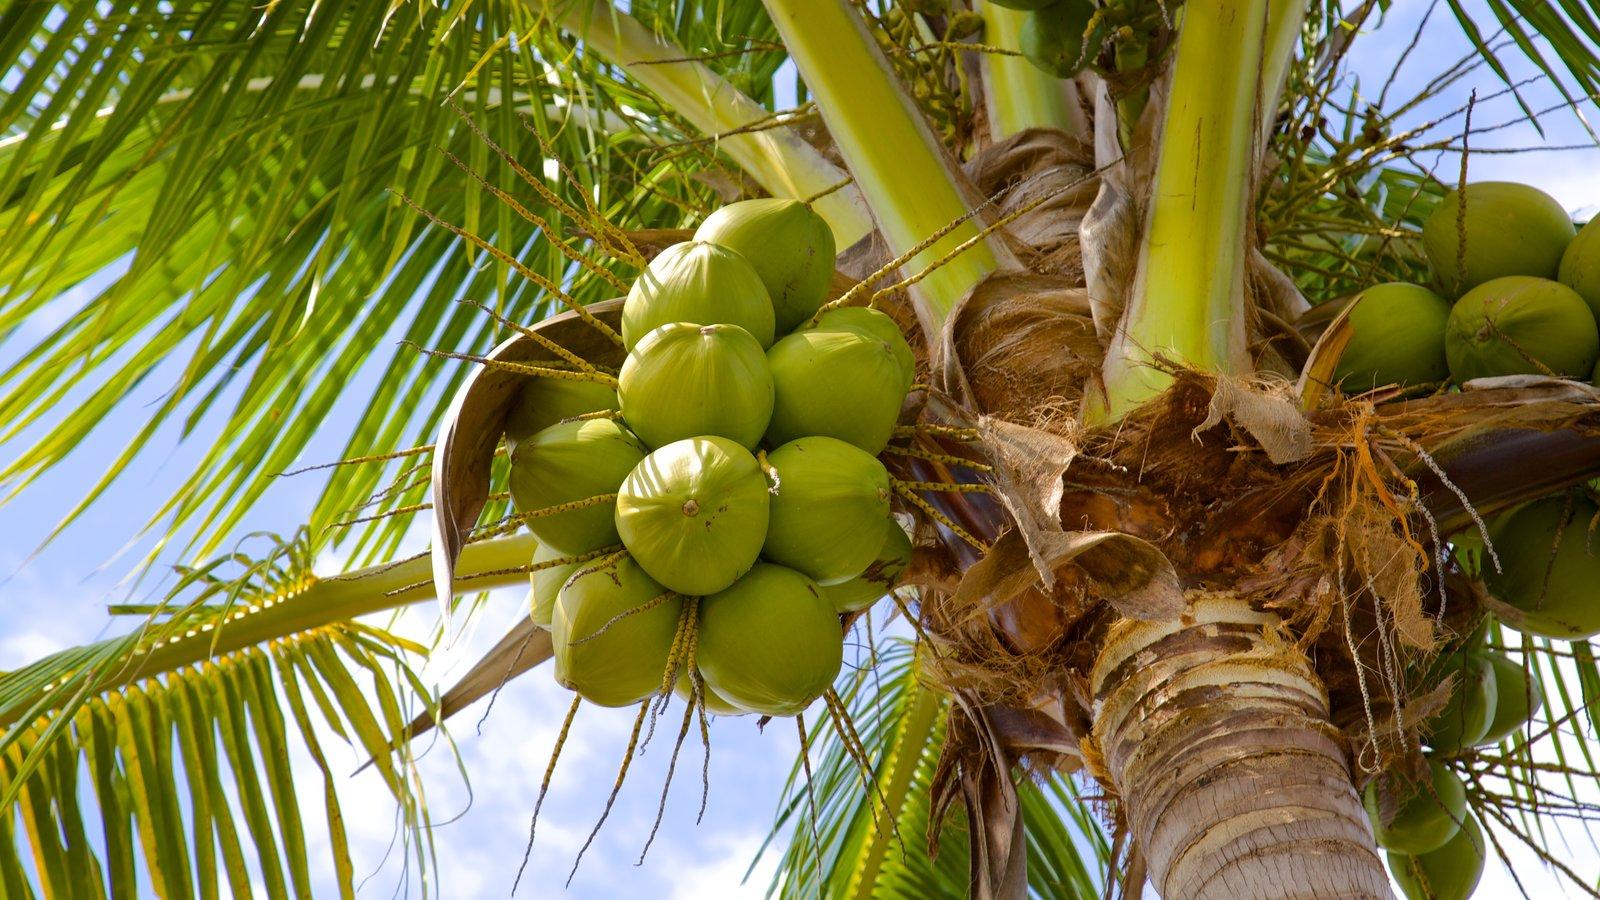 Naples que inclui cenas tropicais